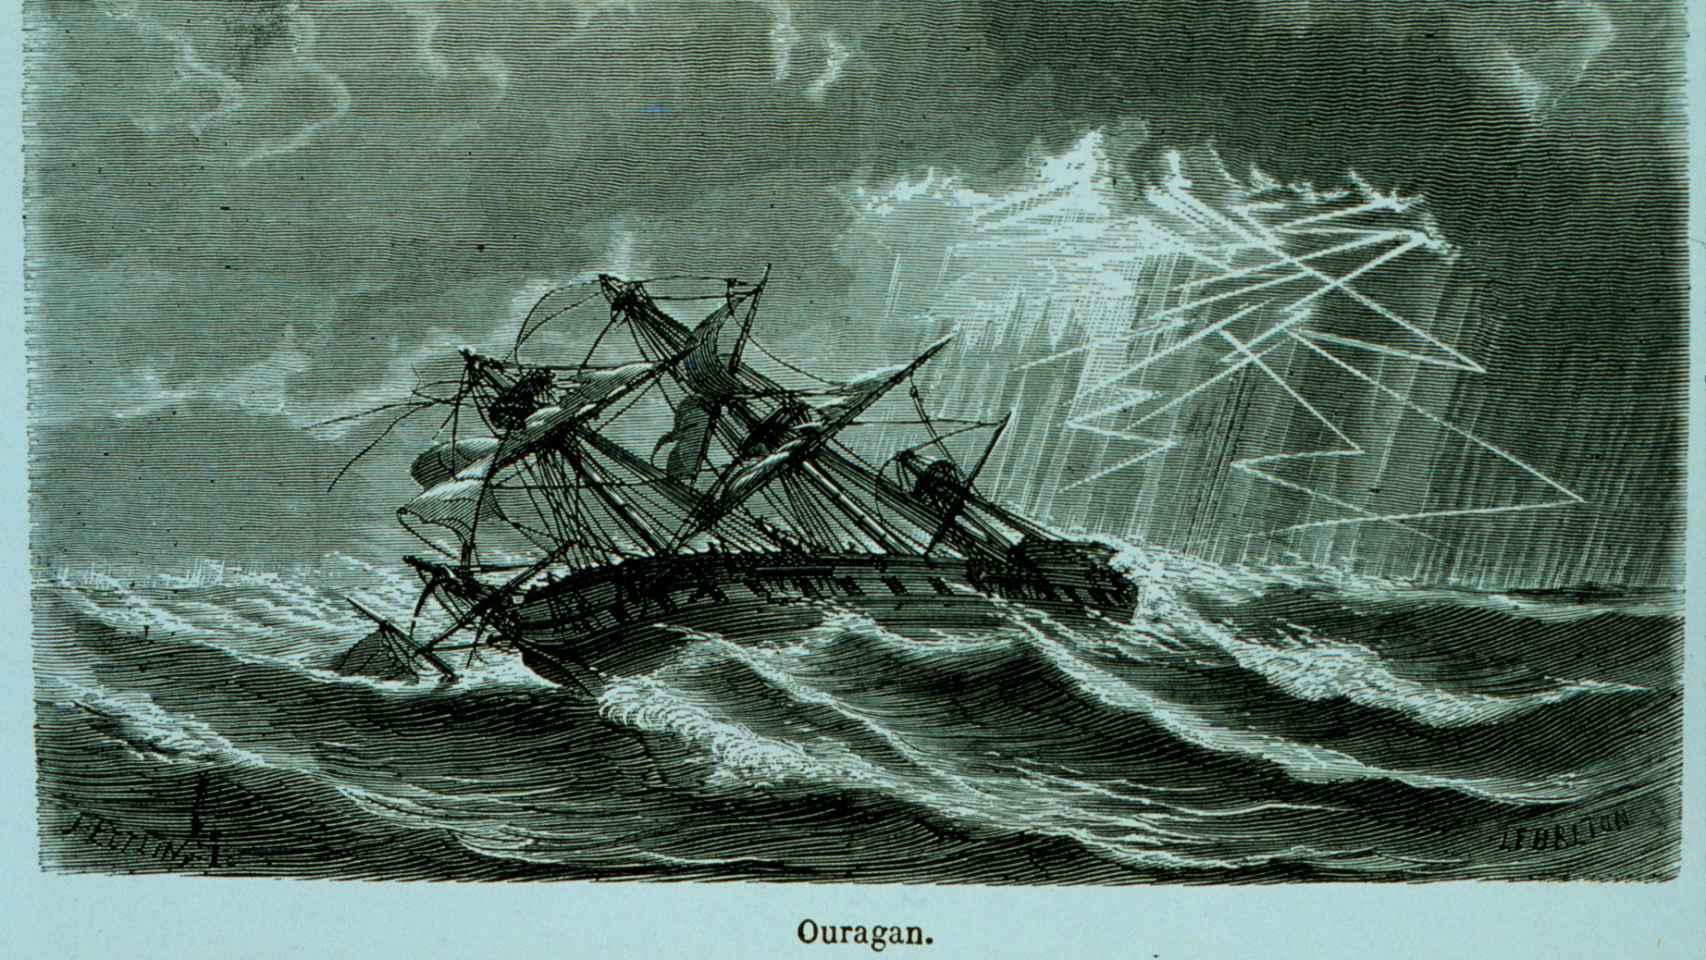 El Ouragan, un navío pesquero bajo un huracán (1869)